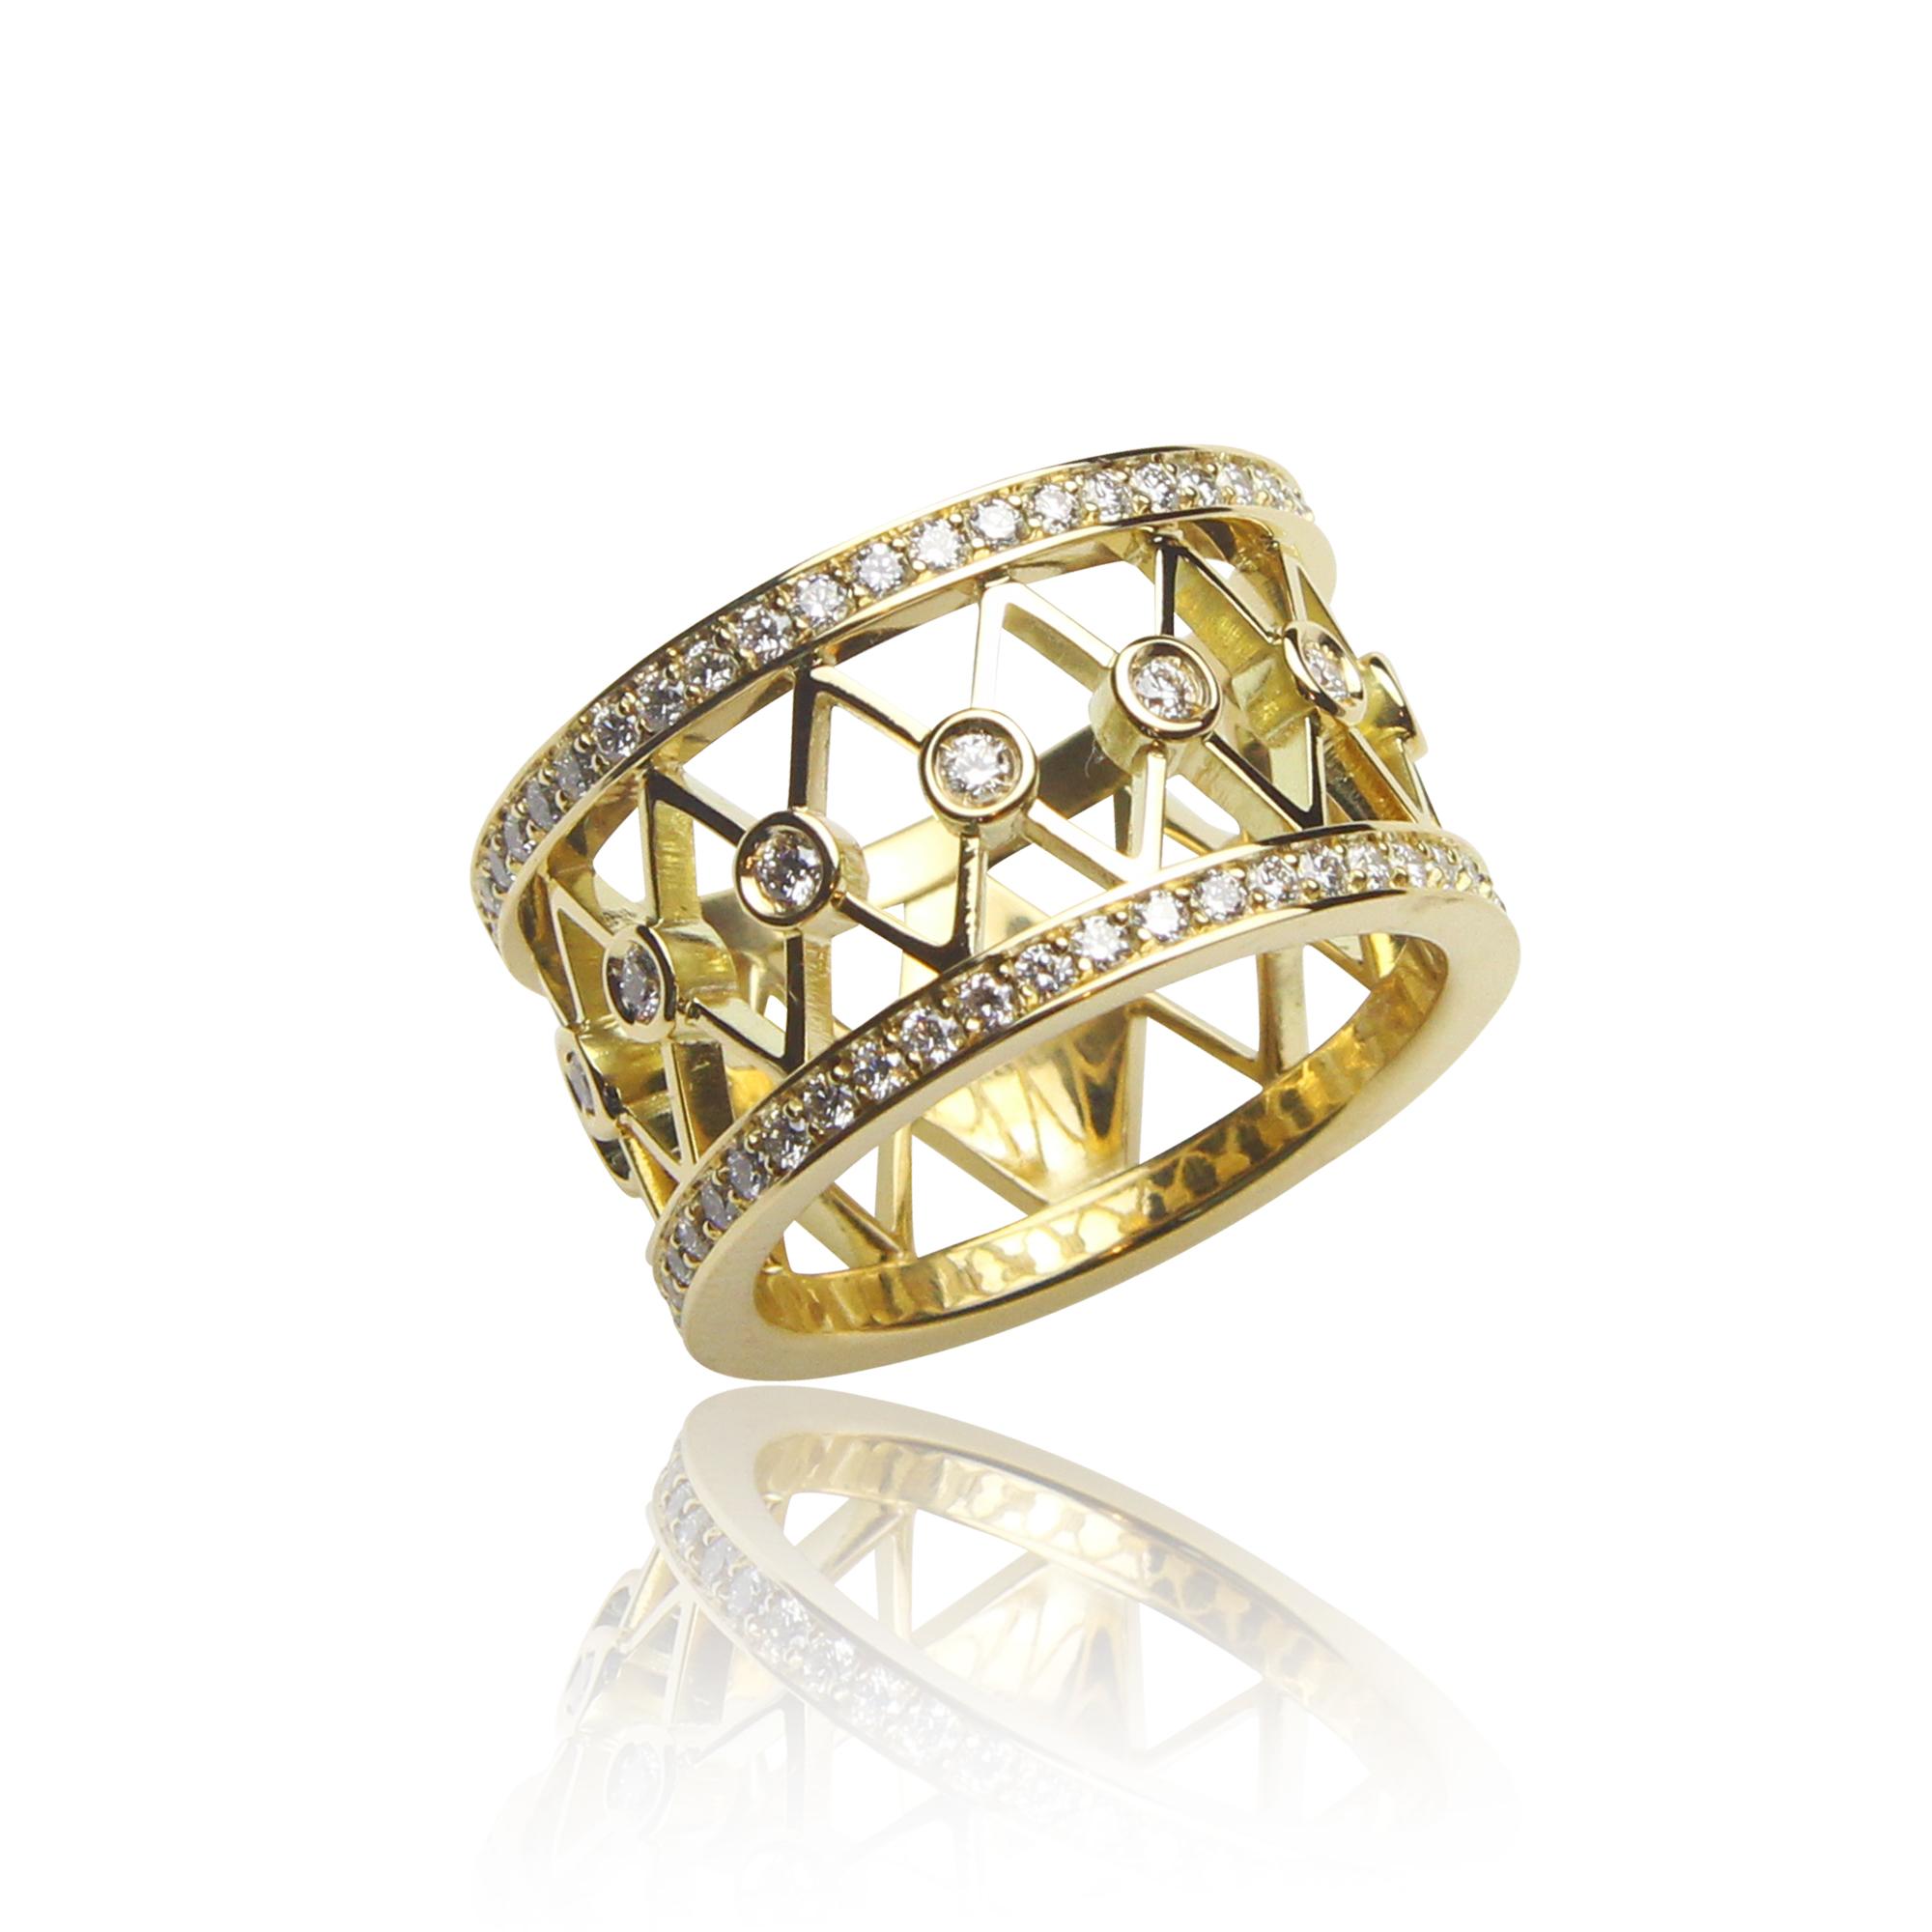 pierścionek tamburino z żółtego złota 18 k aratowego z diamentami